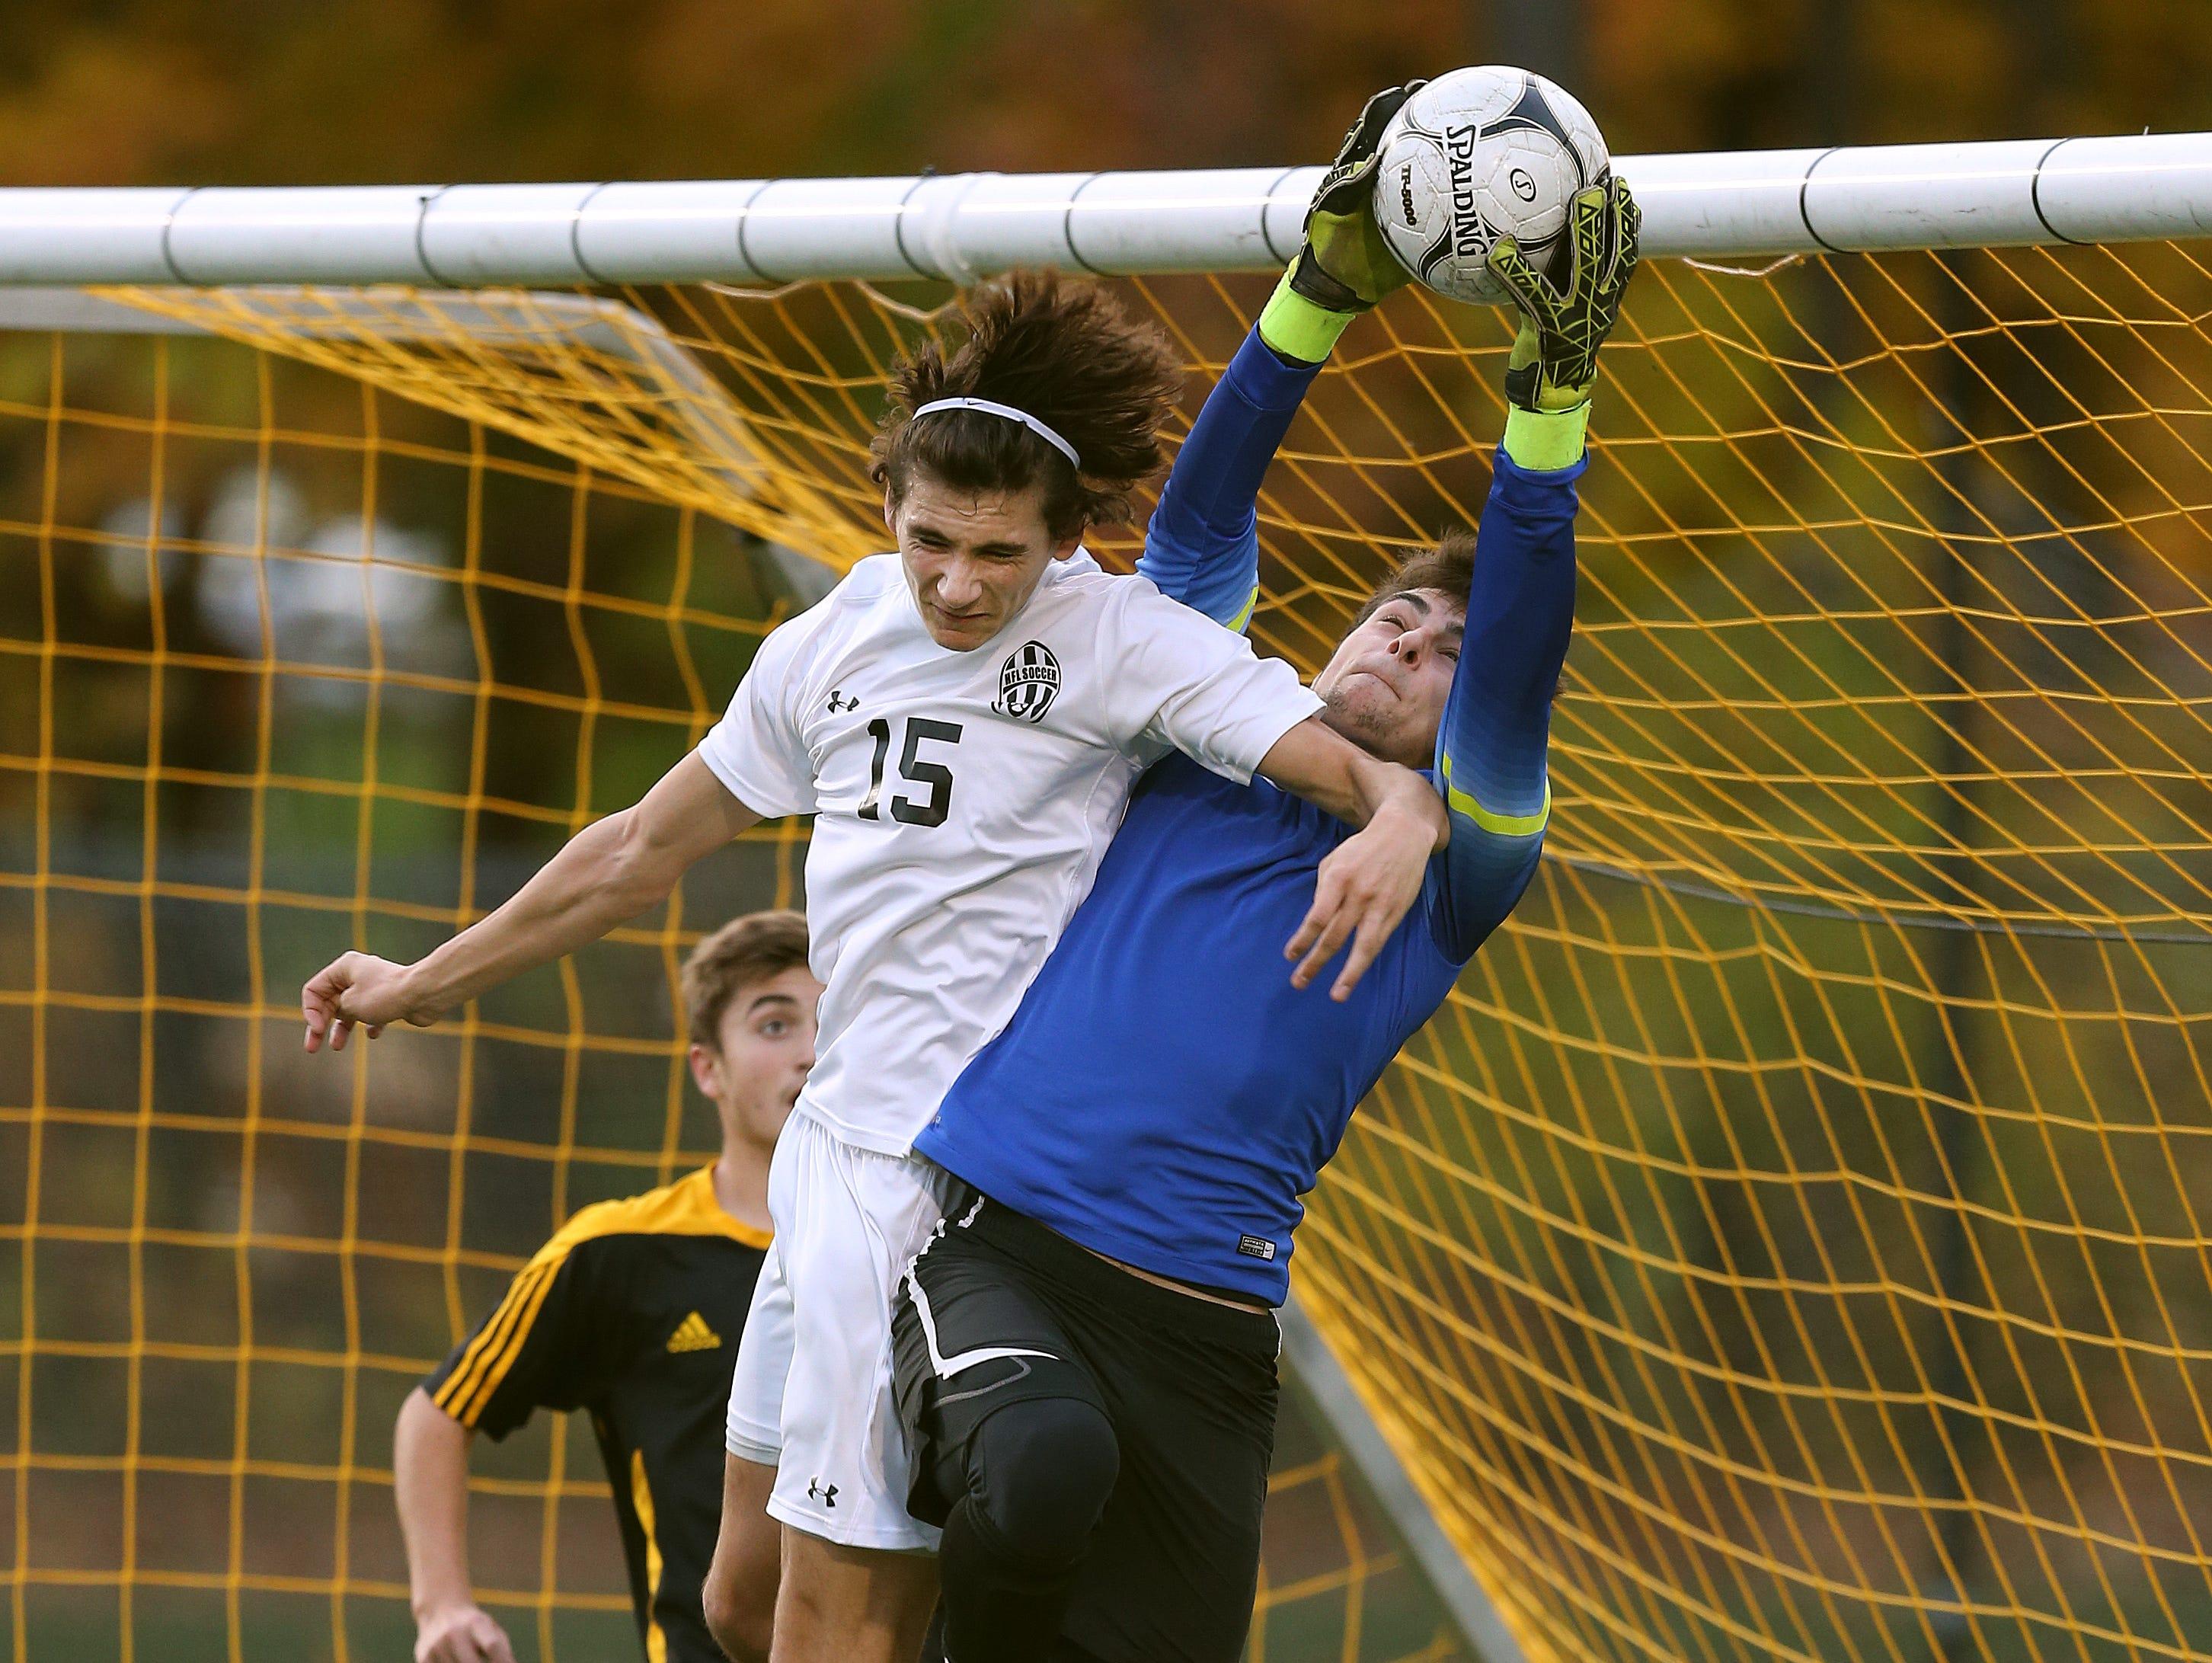 Athena goalie Thomas Pupatelli collides with Honeoye Falls Lima's Kieran Papalia (15) in front of the net.